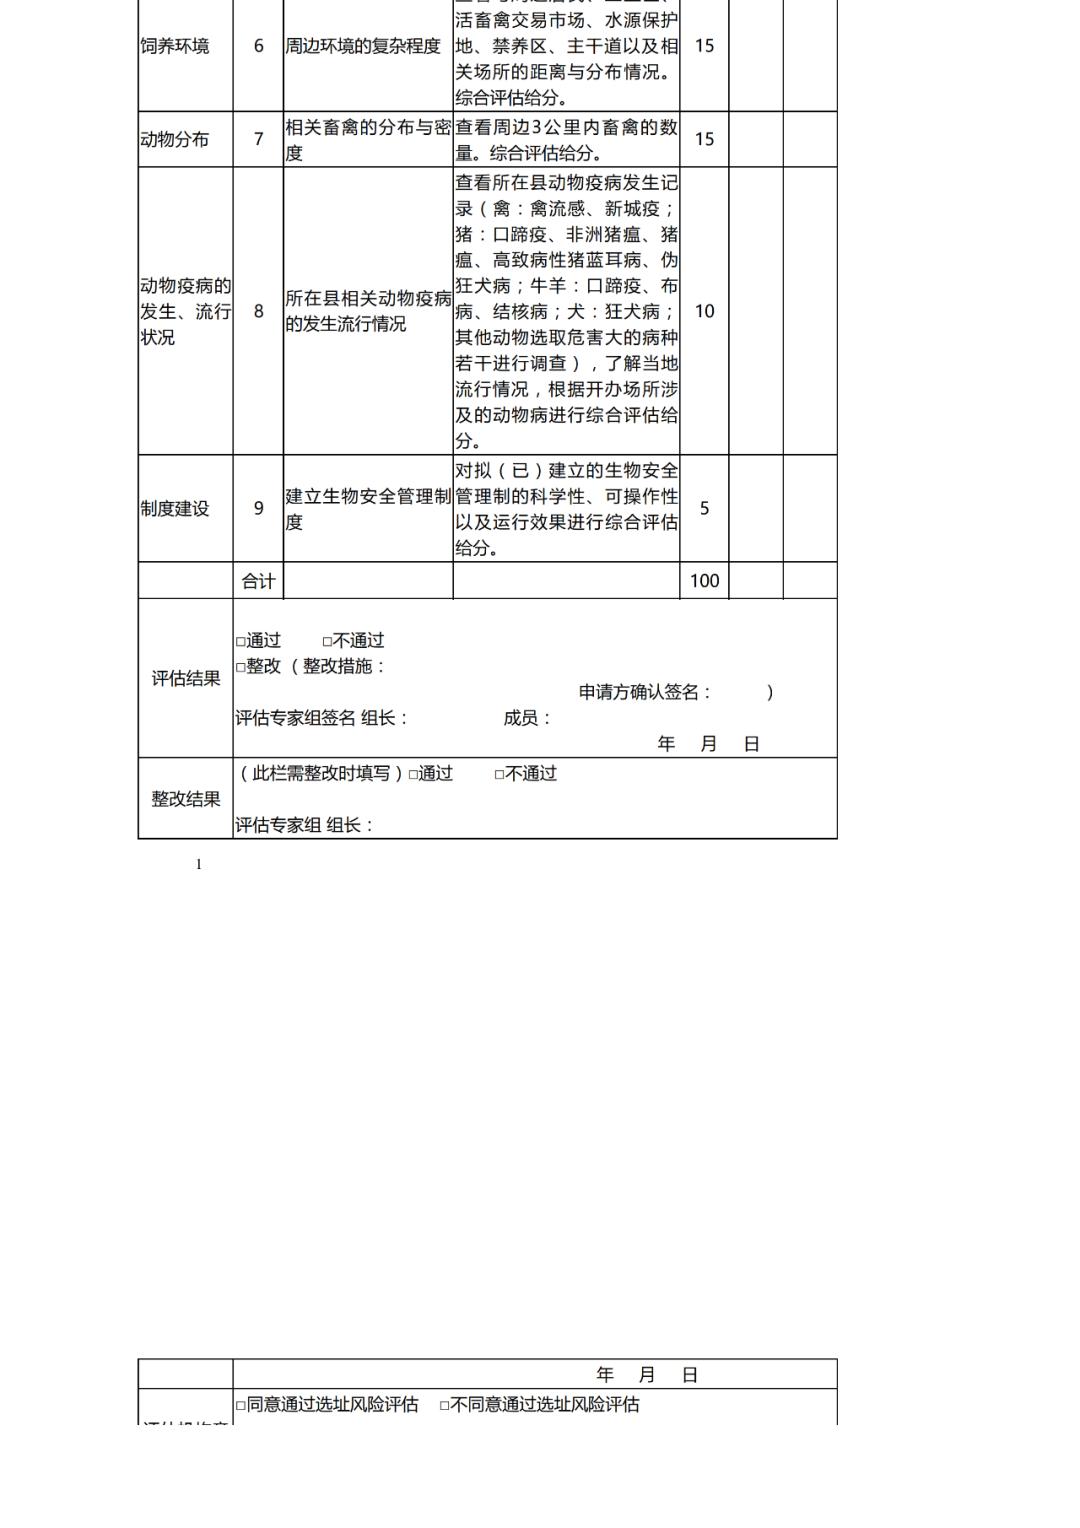 广东省农业农村厅关于动物防疫条件审查场所选址风险评估暂行办法